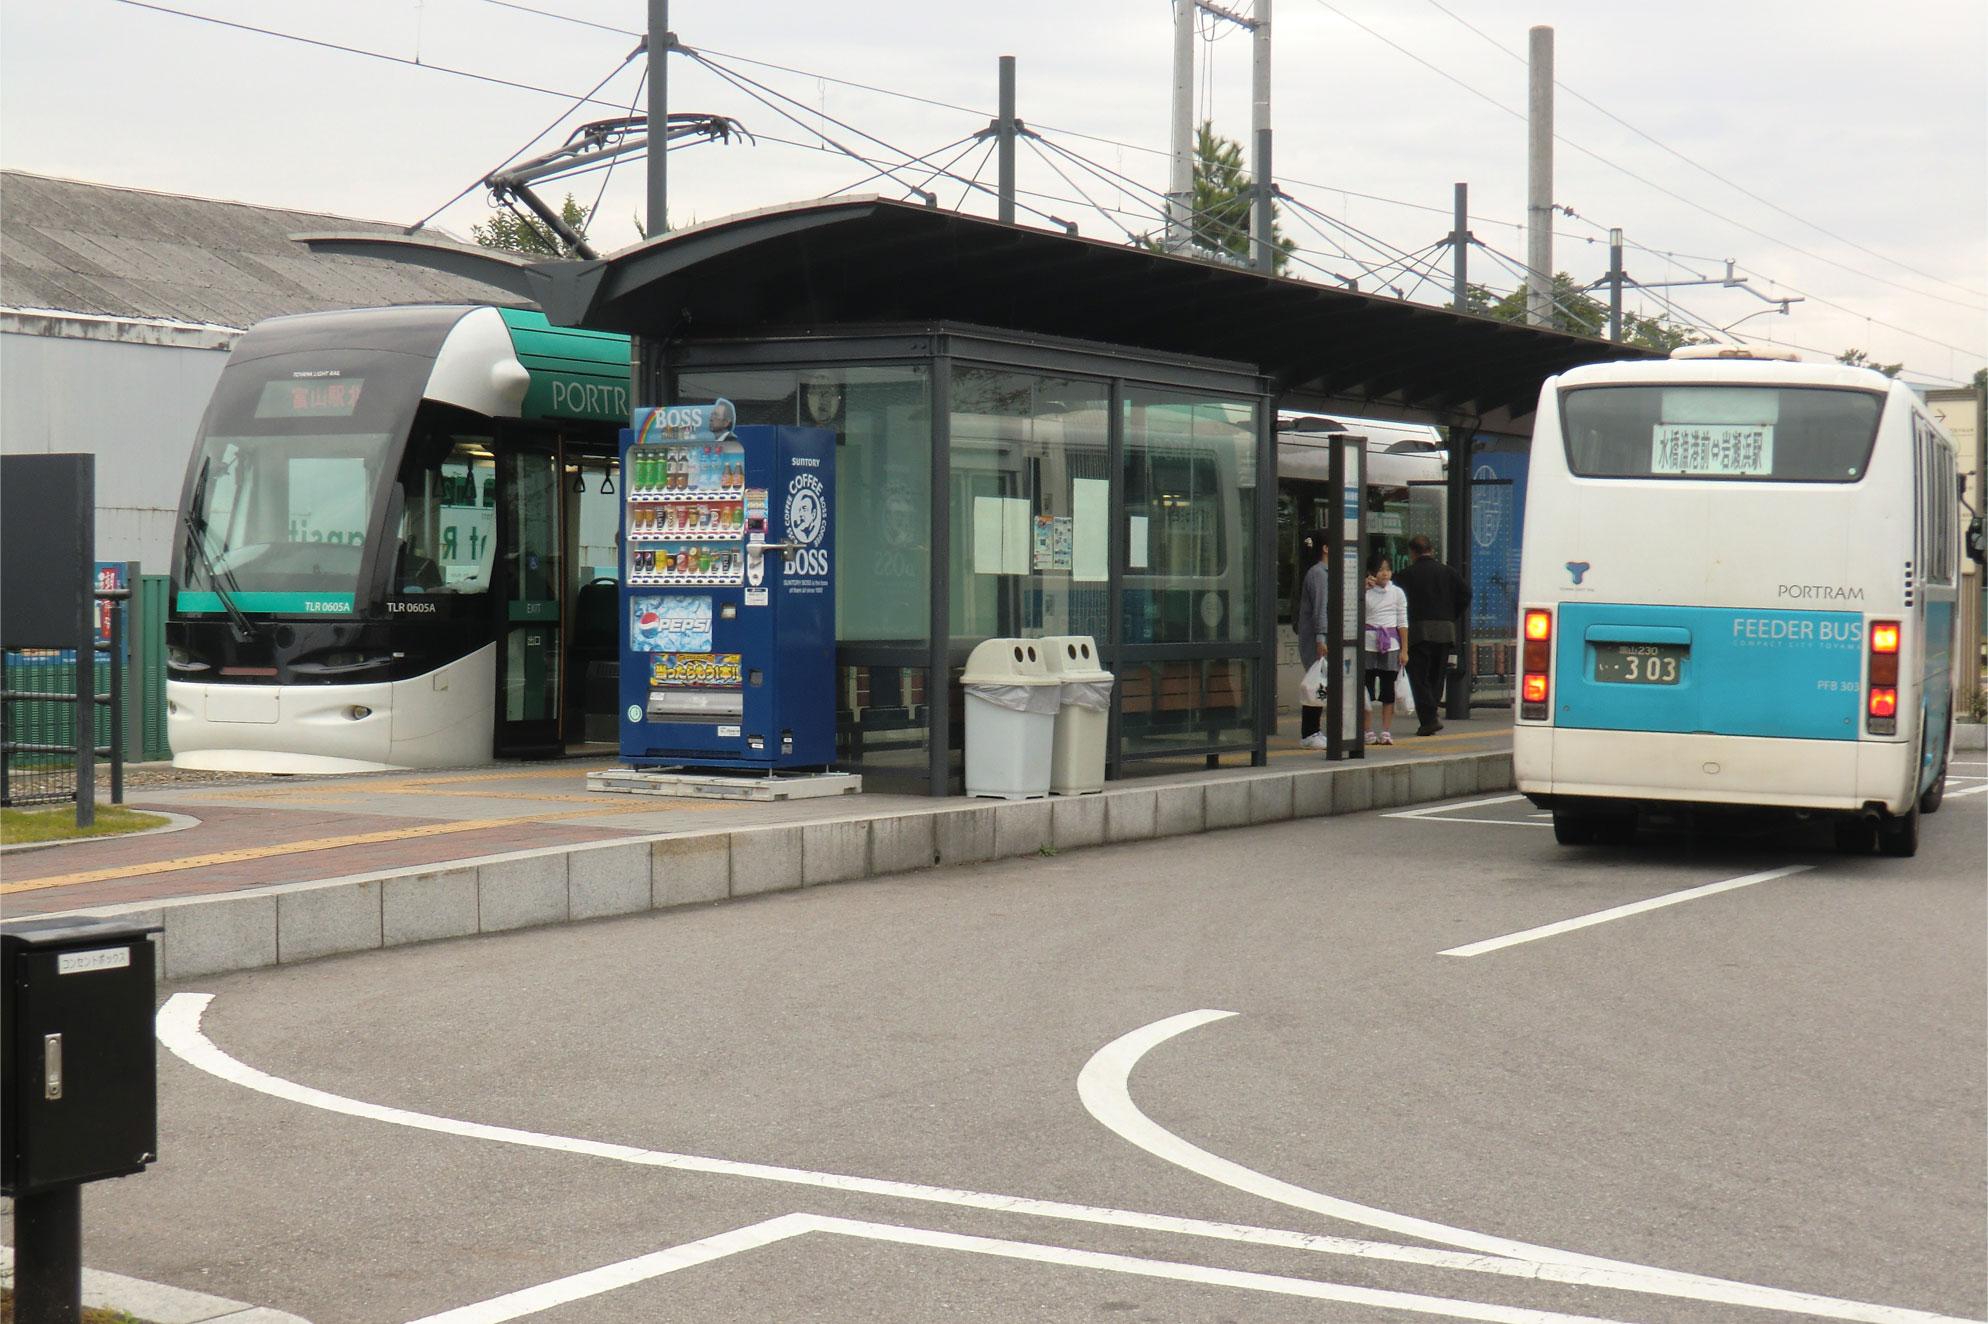 電車と路線バスの連携、ライド&ライドで公共交通の利便性を高めます